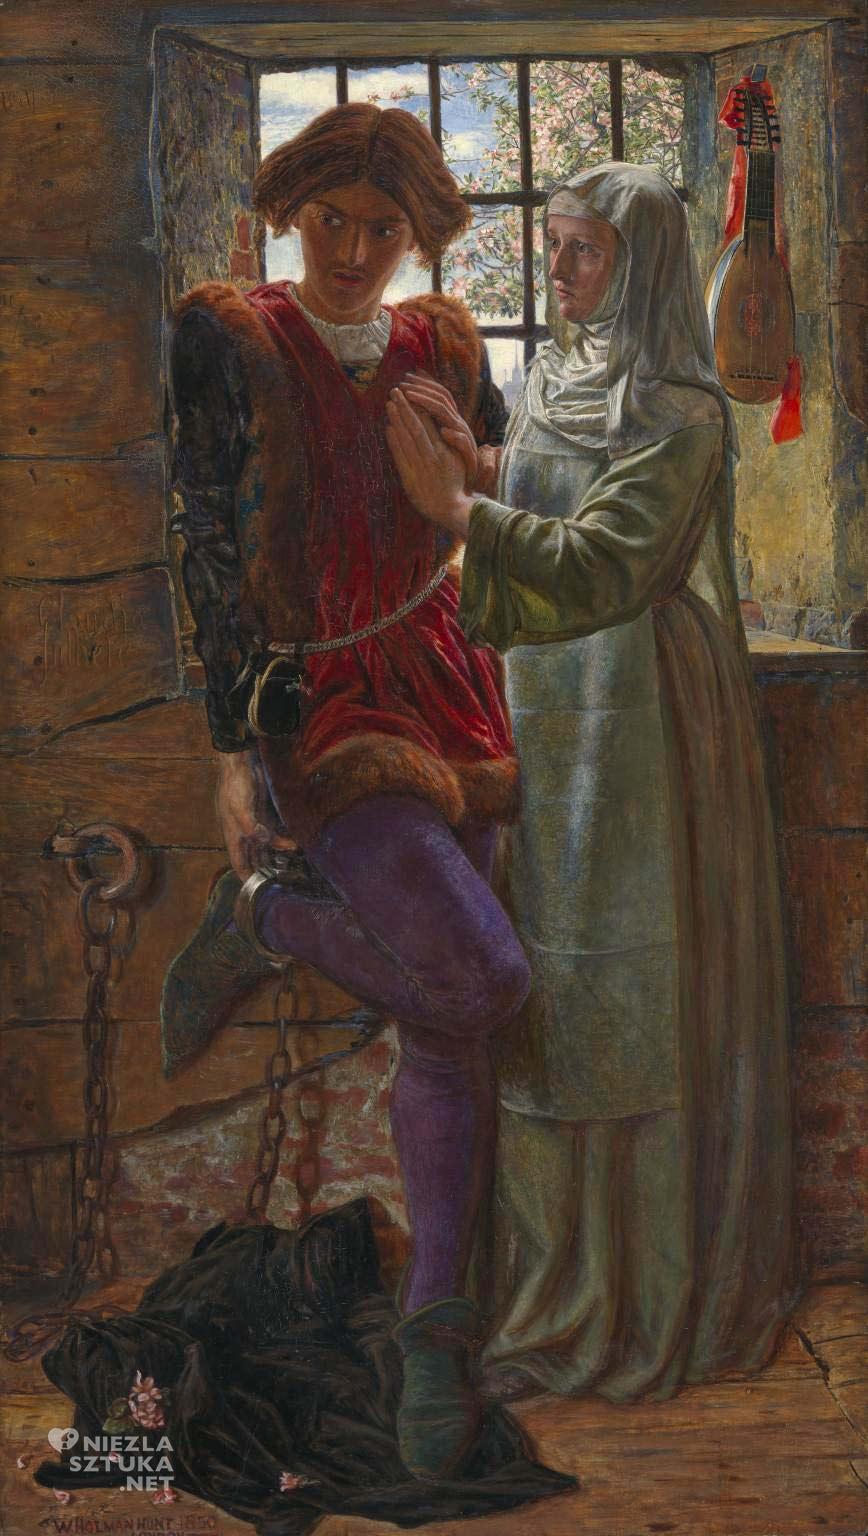 William Holman Hunt, Claudio i Isabella, prerafaelici, Bractwo Prerafaelitów, sztuka angielska, Szekspir, Niezła Sztuka